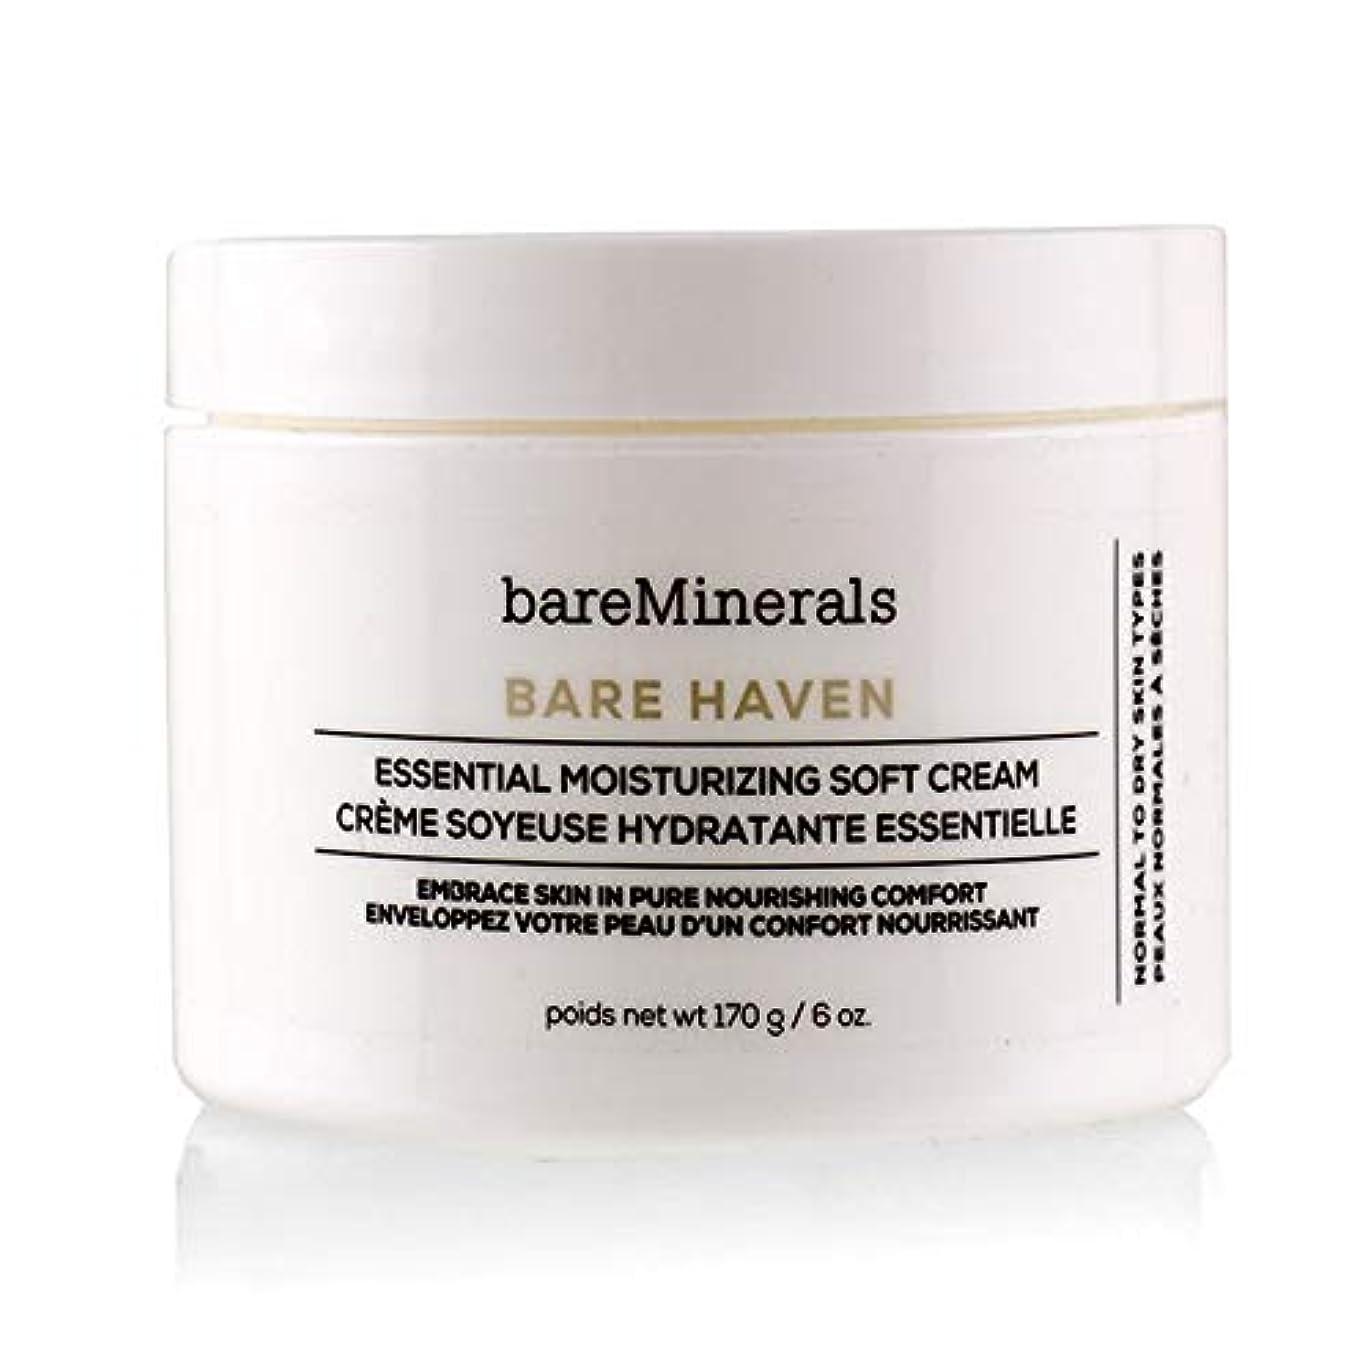 窒息させる歌手デイジーベアミネラル Bare Haven Essential Moisturizing Soft Cream - Normal To Dry Skin Types (Salon Size) 170g/6oz並行輸入品